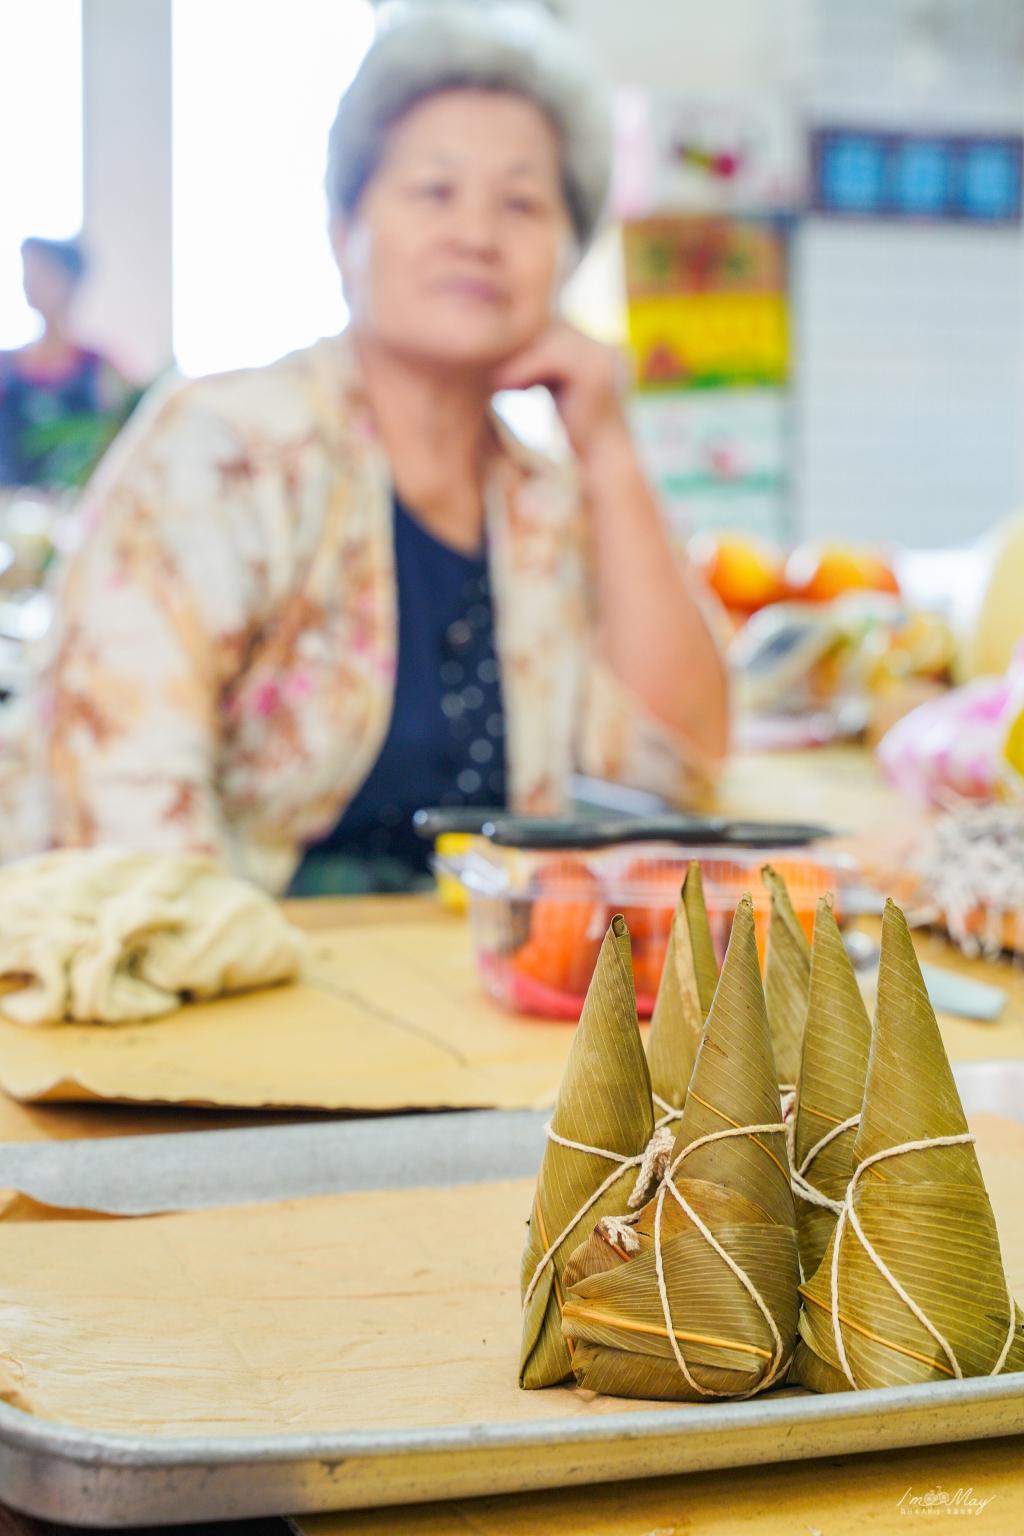 馬祖、南竿 | 跟著當地人吃正宗馬祖早餐,早鳥限定的在地滋味「介壽獅子市場」| 阿妹鼎邊糊、陳家(虫弟)餅、寶利軒繼光餅、市集咖啡、地瓜餃、馬祖粽 @偽日本人May.食遊玩樂